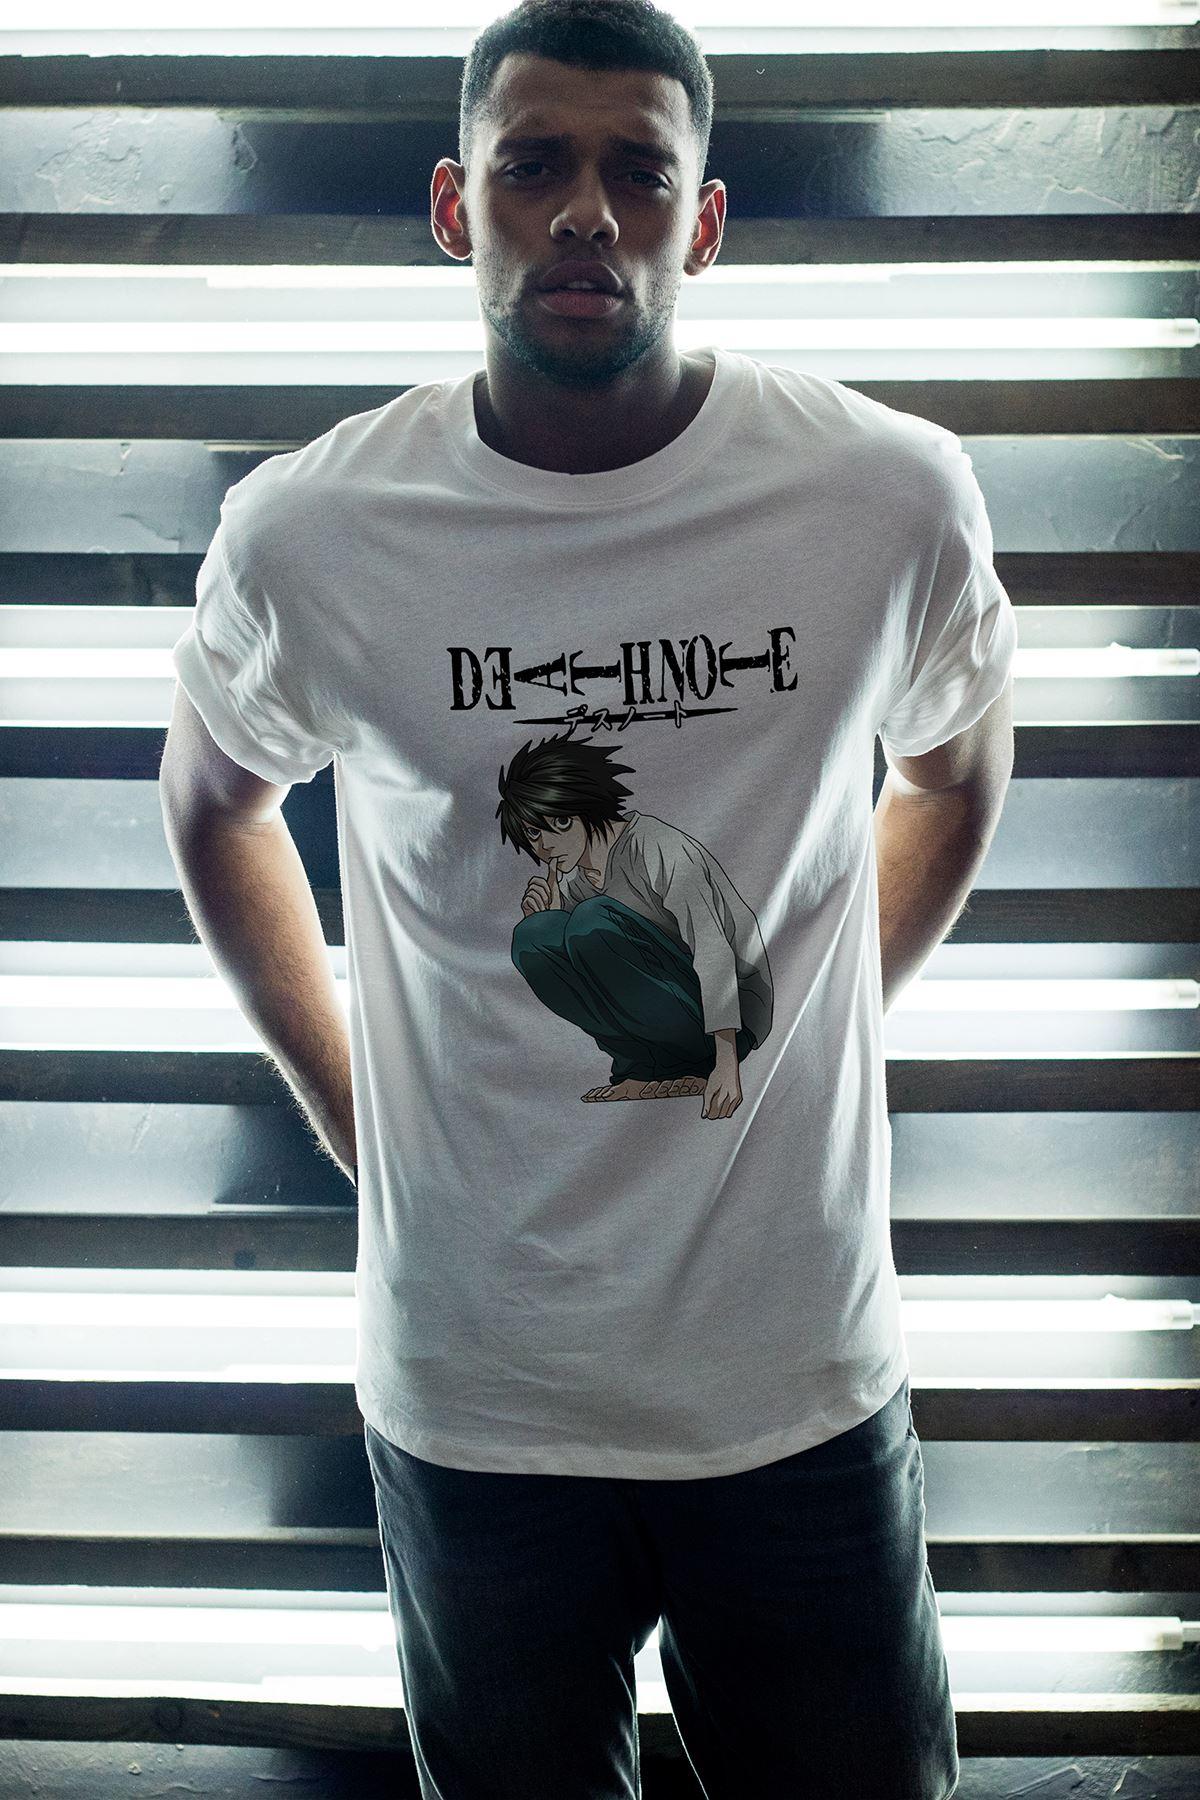 Anime Death Note 03 Beyaz Erkek Oversize Tshirt - Tişört